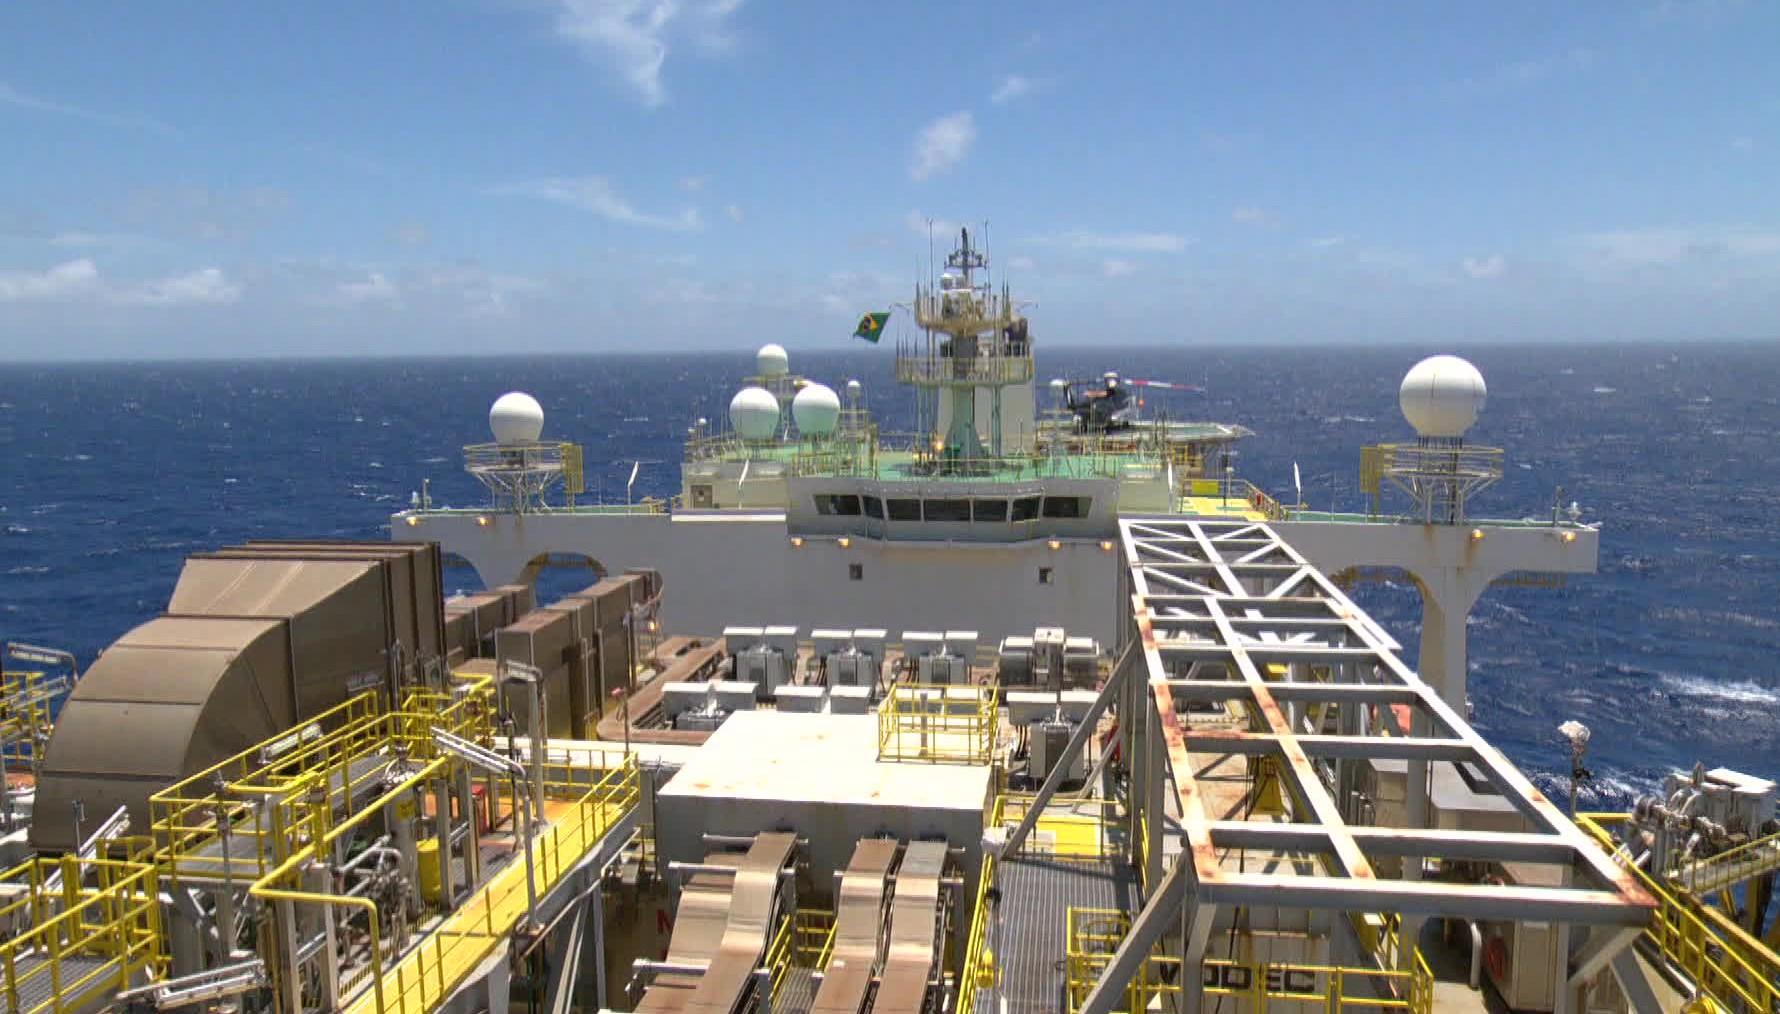 Produção de petróleo do Brasil alcança 1 bilhão de barris pela 1ª vez na história em 2019 thumbnail